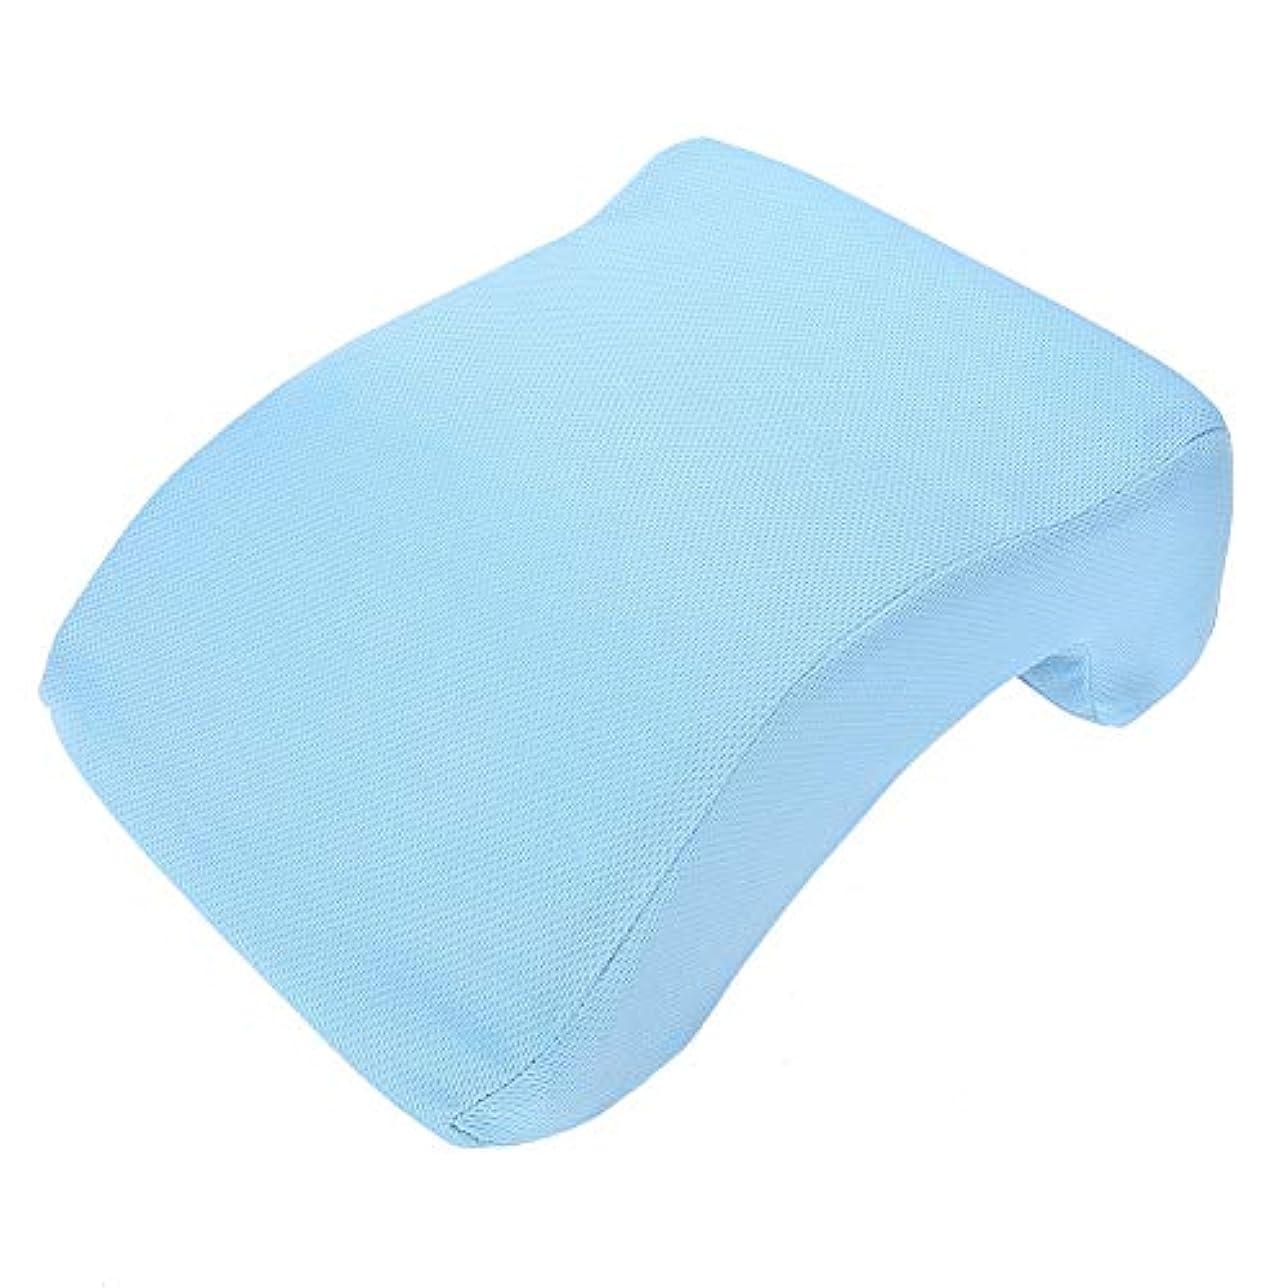 ガードに渡って手足低反発まくら ピロー マッサージ枕 首?頭?肩をやさしく支える 安眠枕 快眠グッズ 柔らかい 洗えるやすい